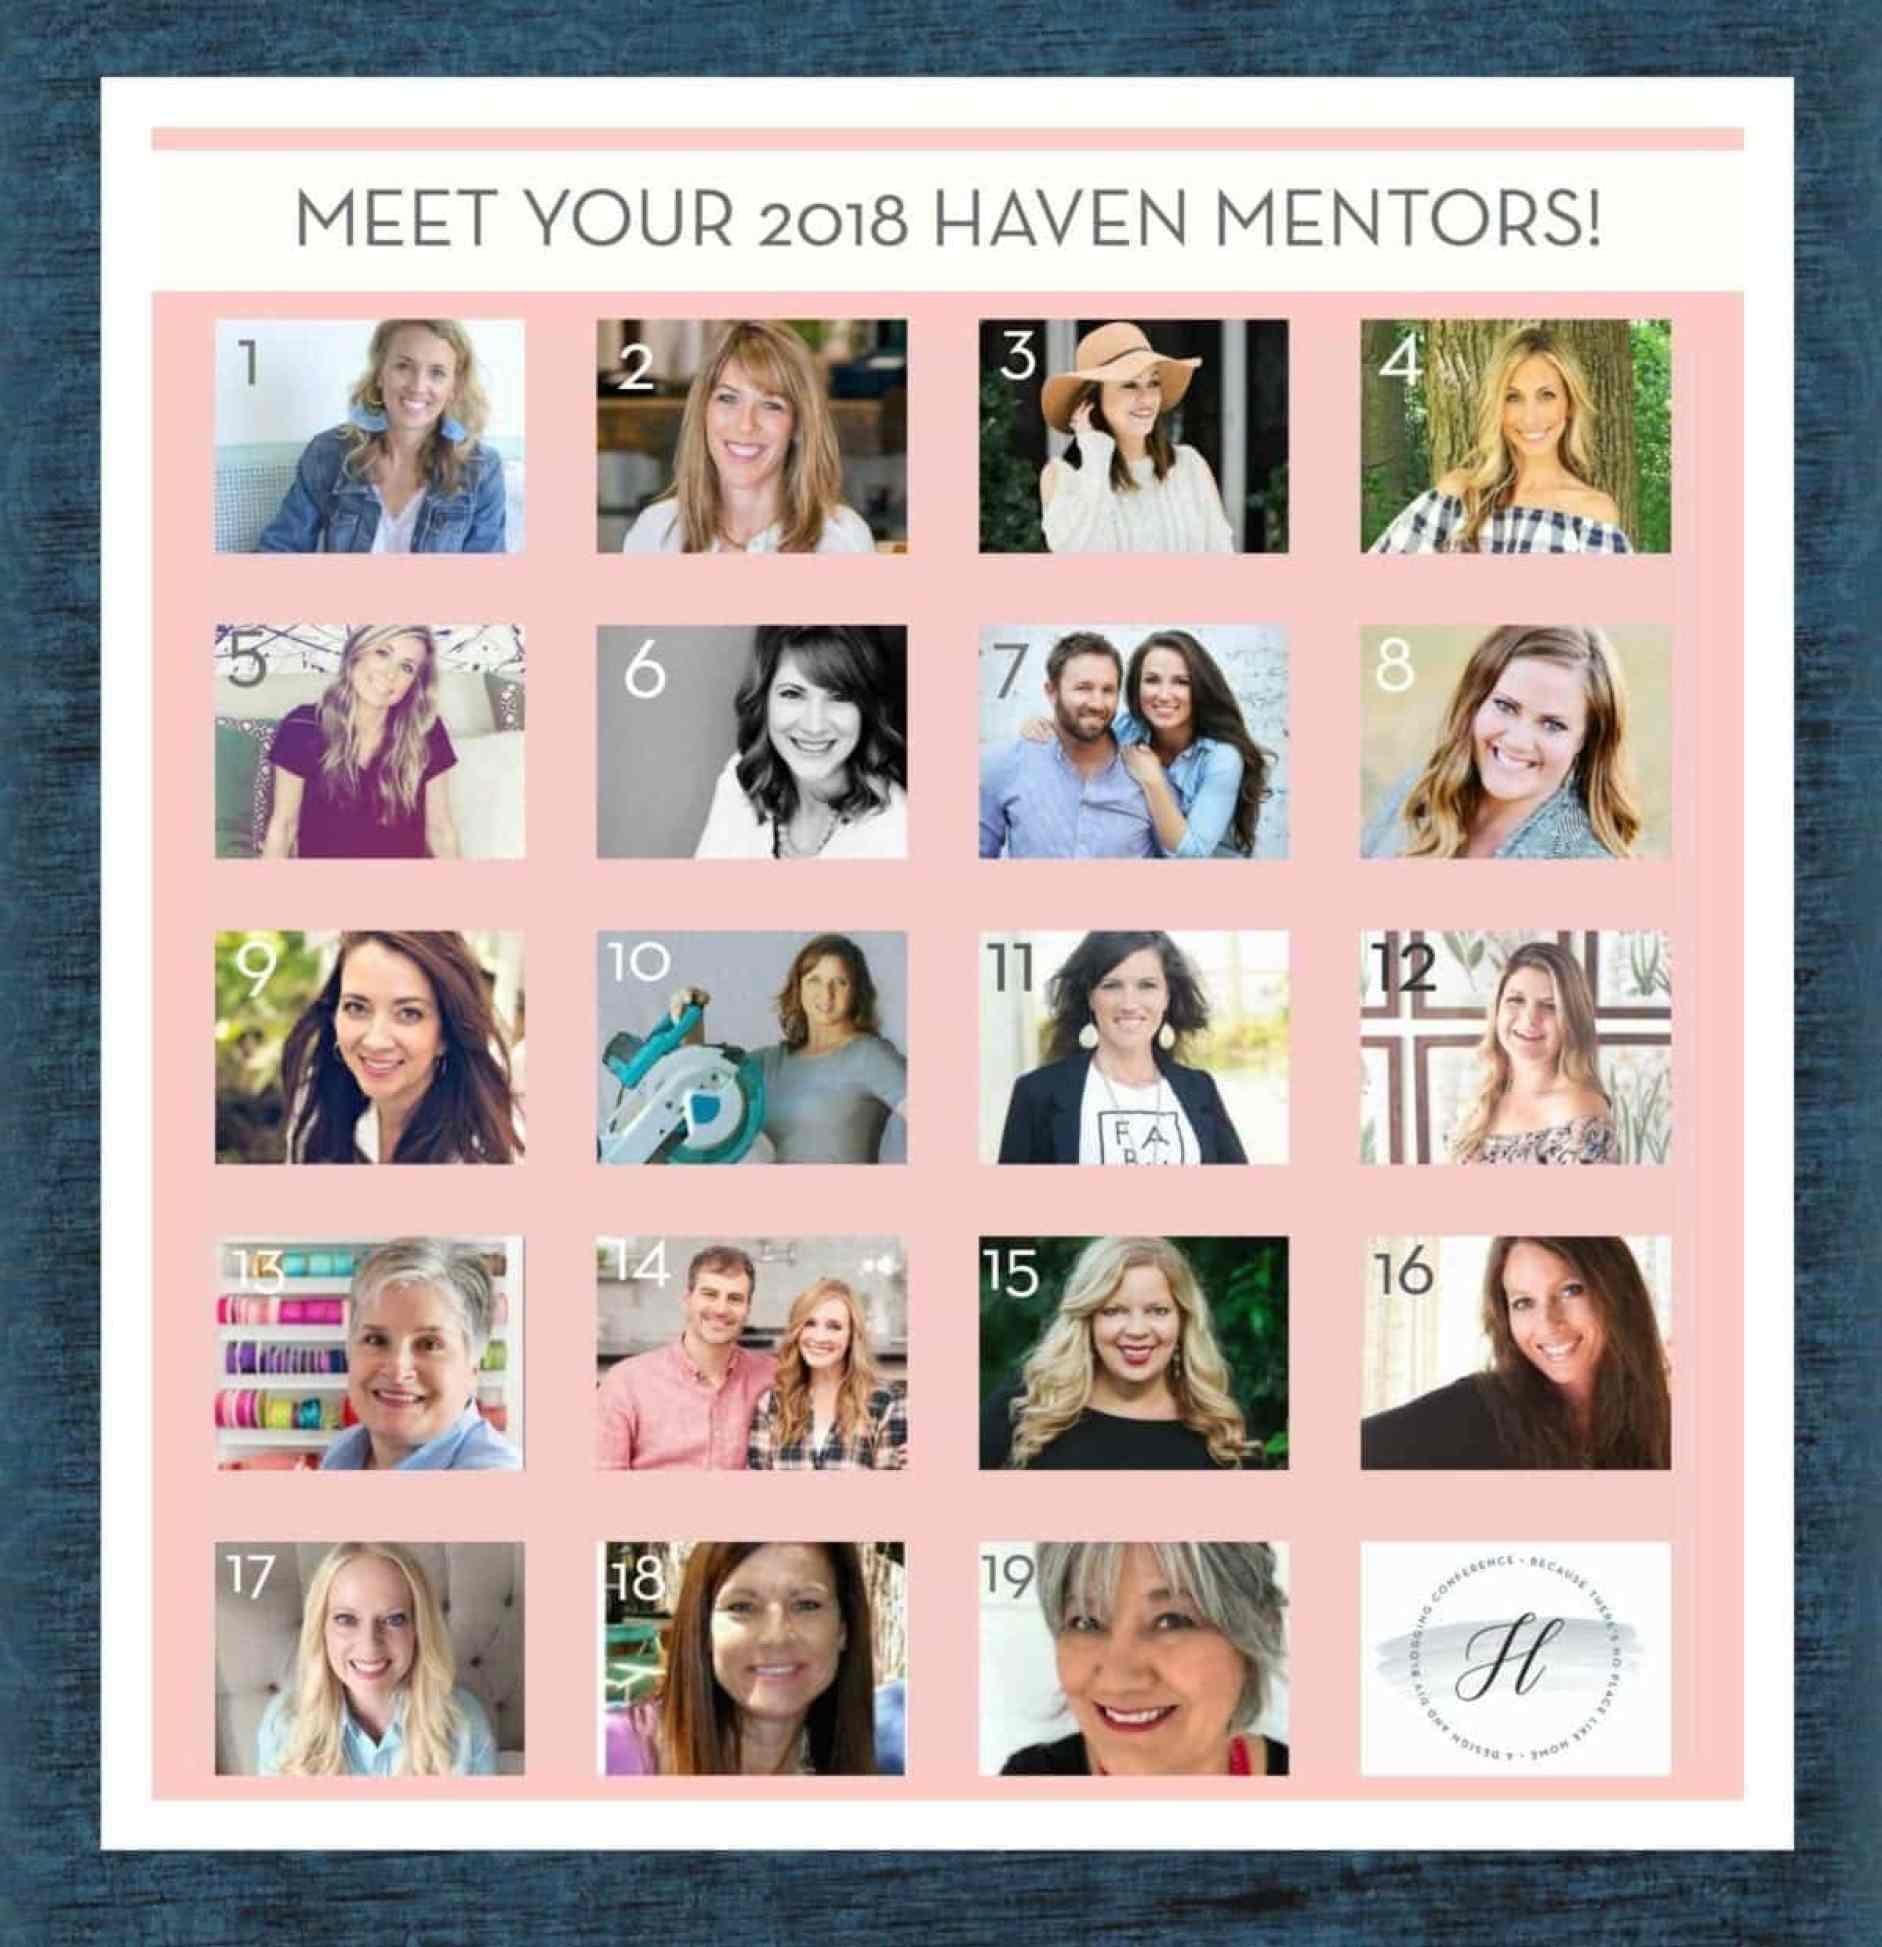 2018 Haven Mentors